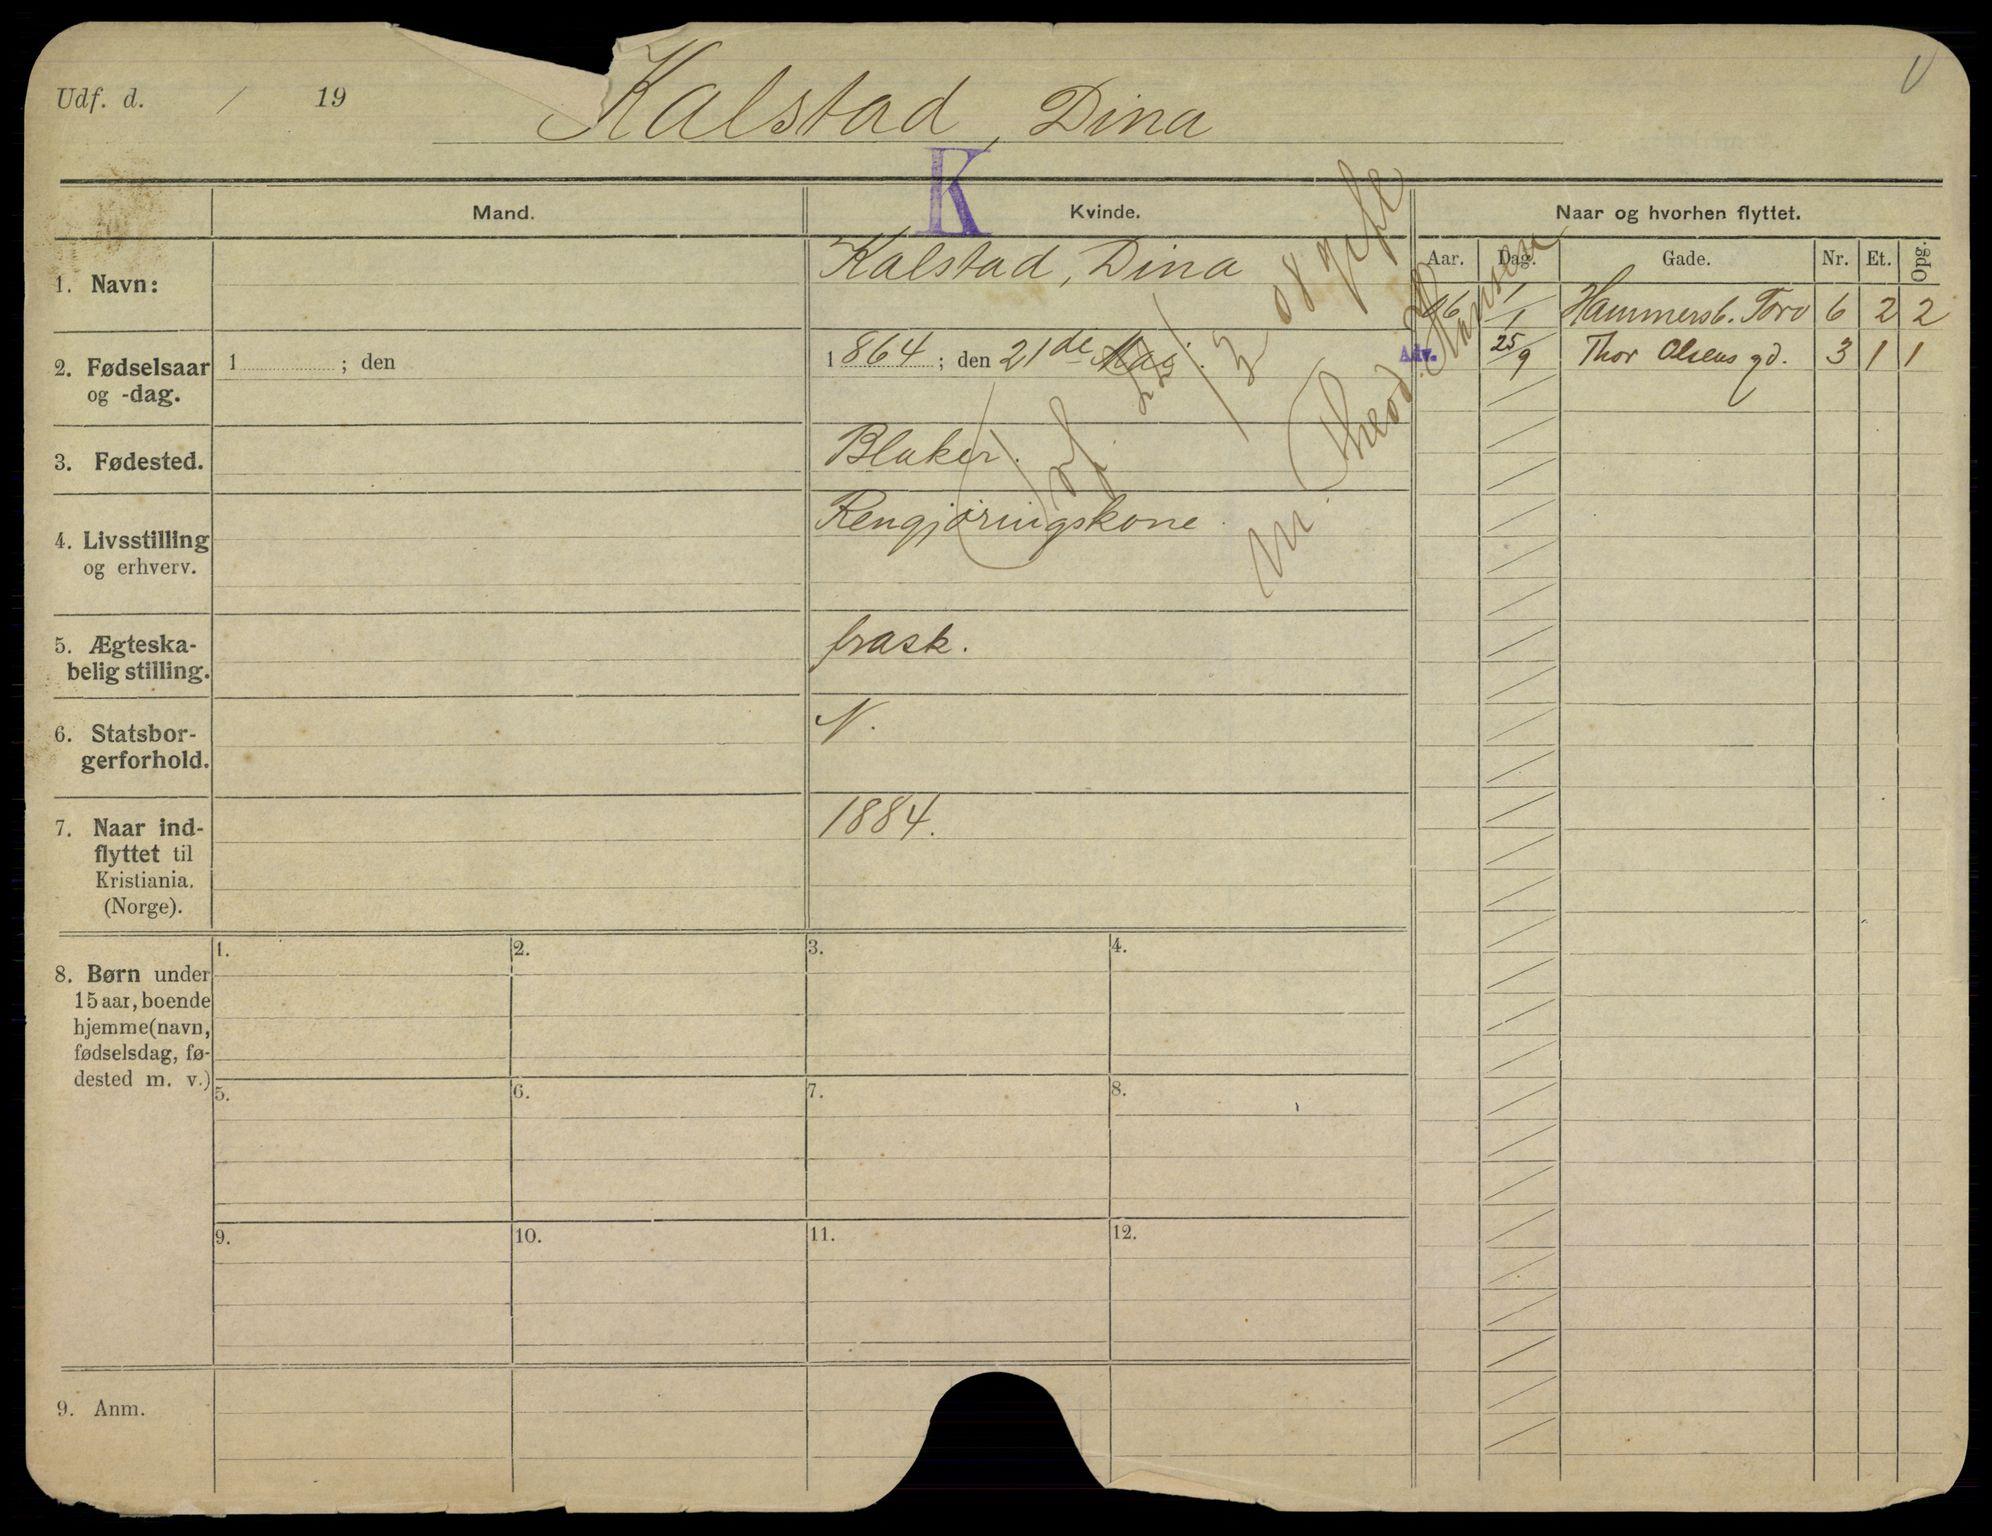 SAO, Oslo folkeregister, Registerkort, K/Kb/L0006: K - Å, 1908